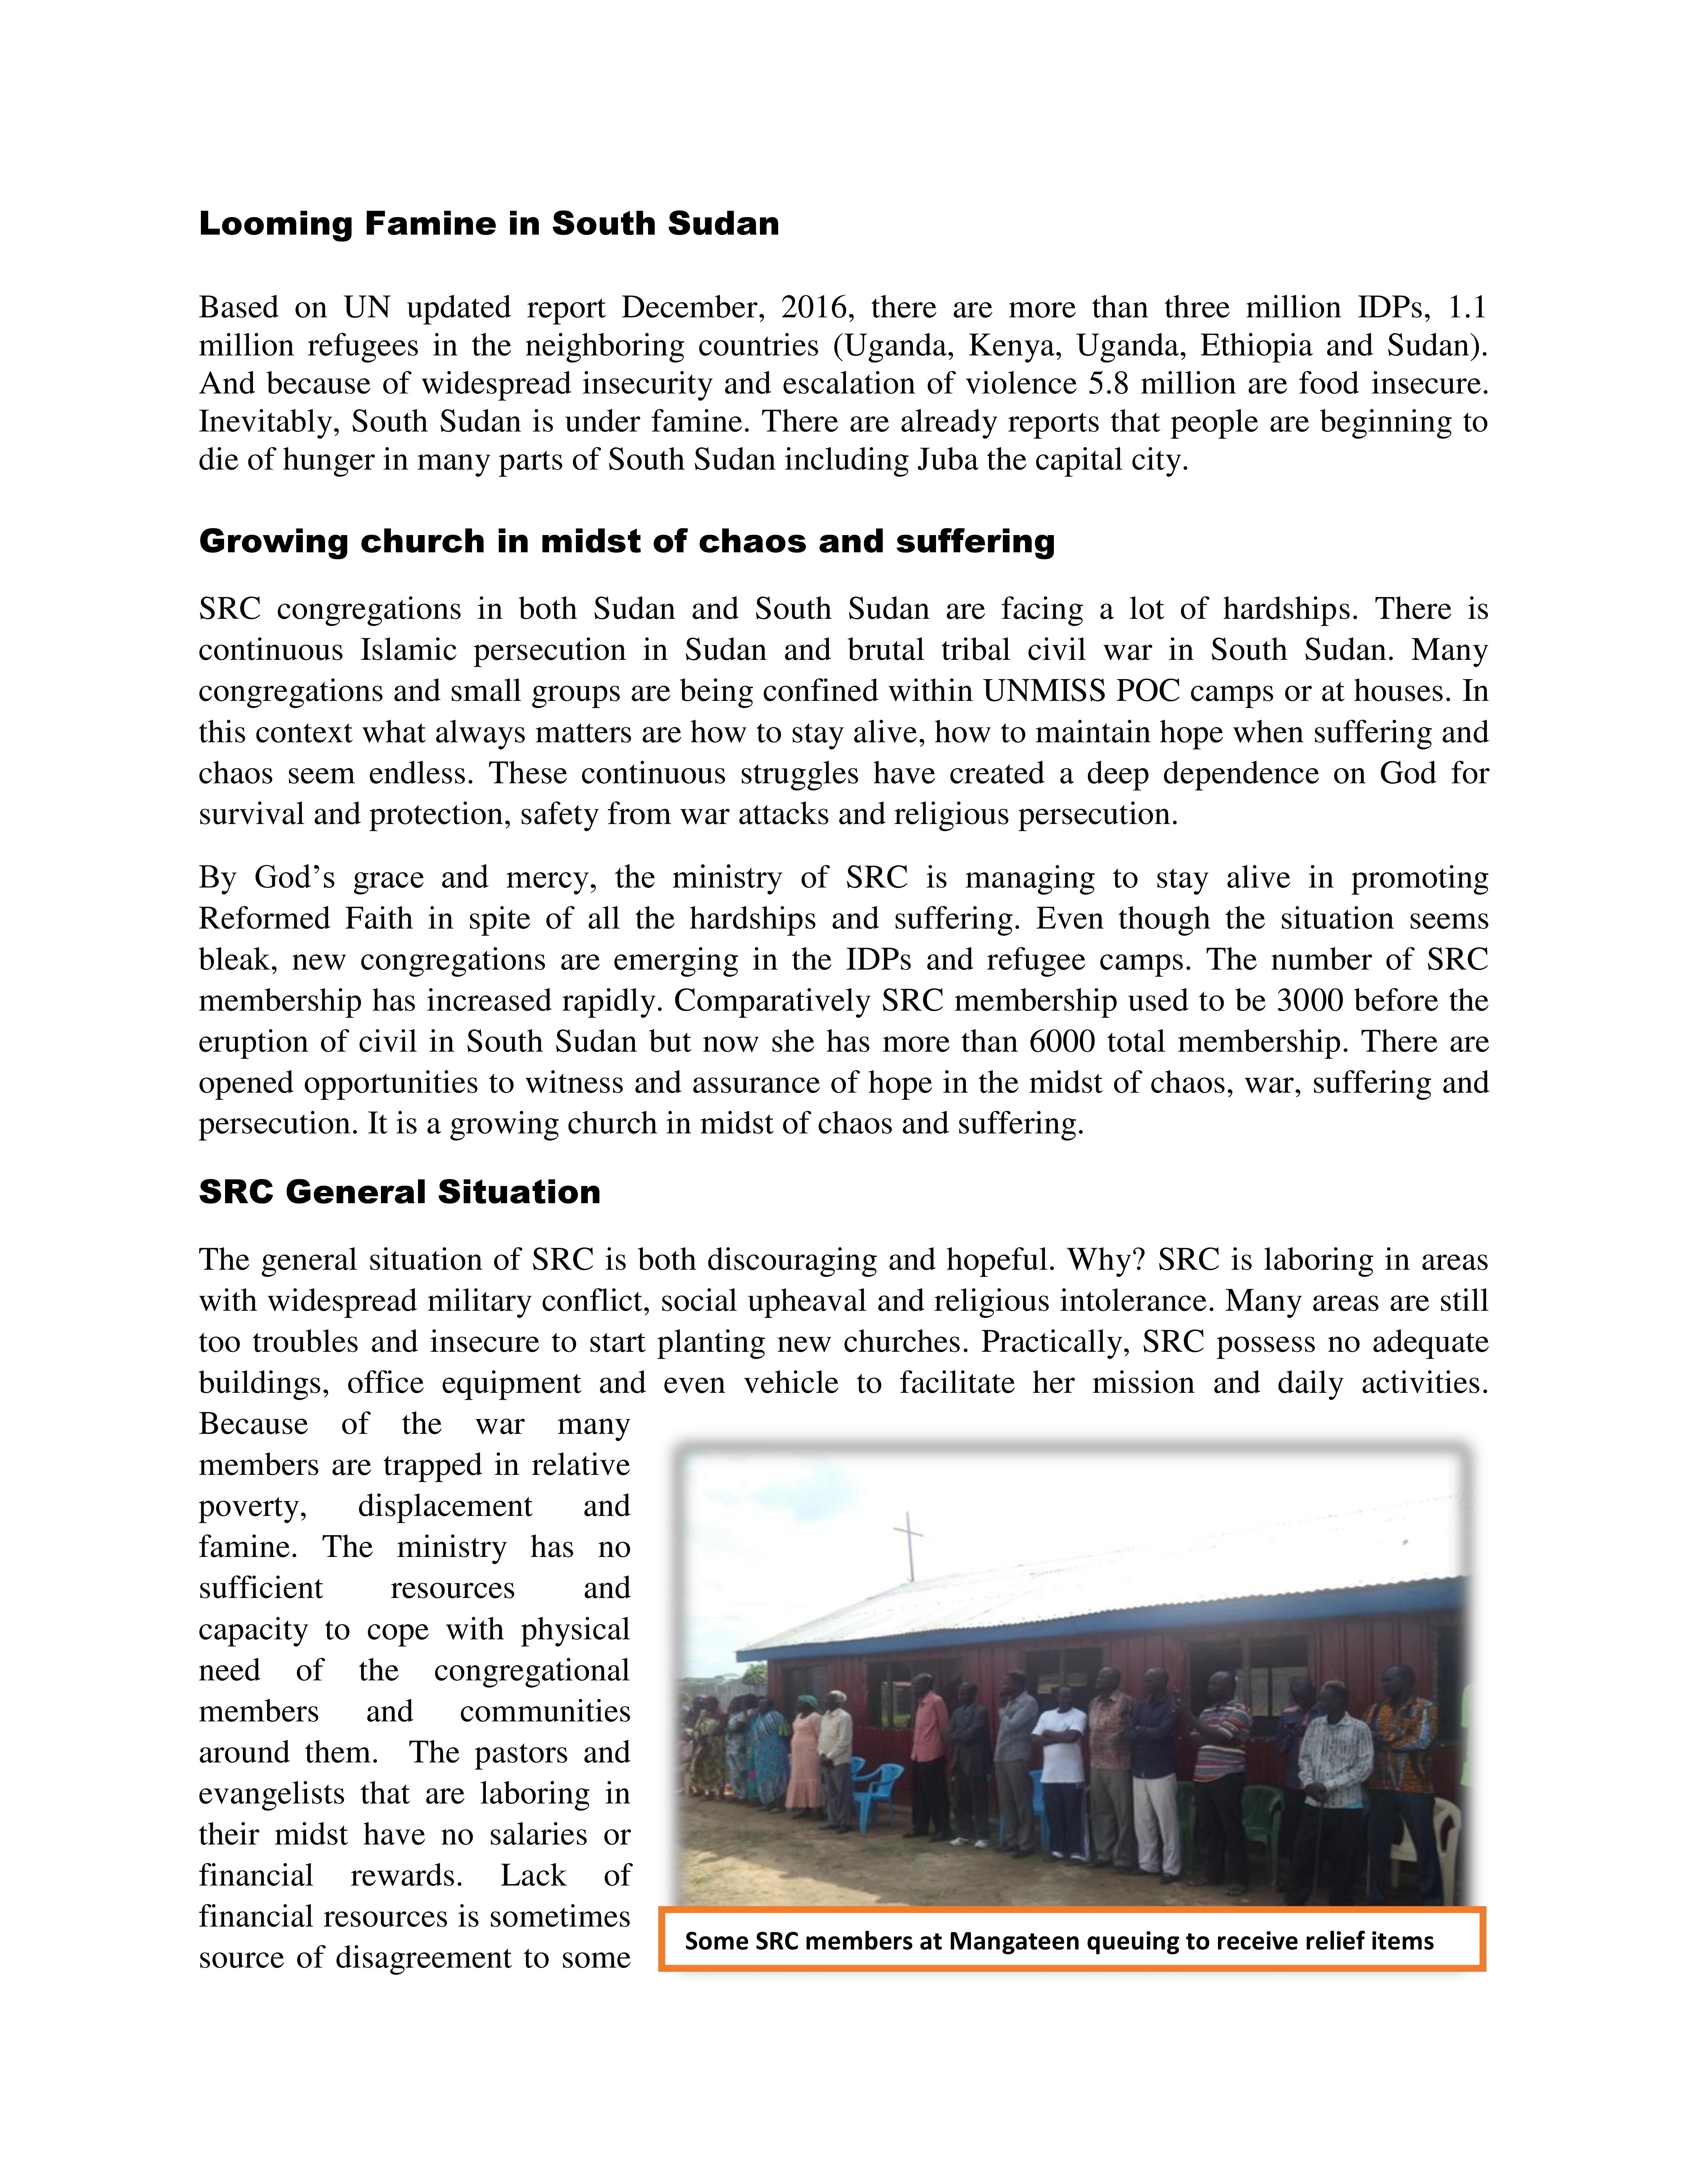 SRC '16 Page3